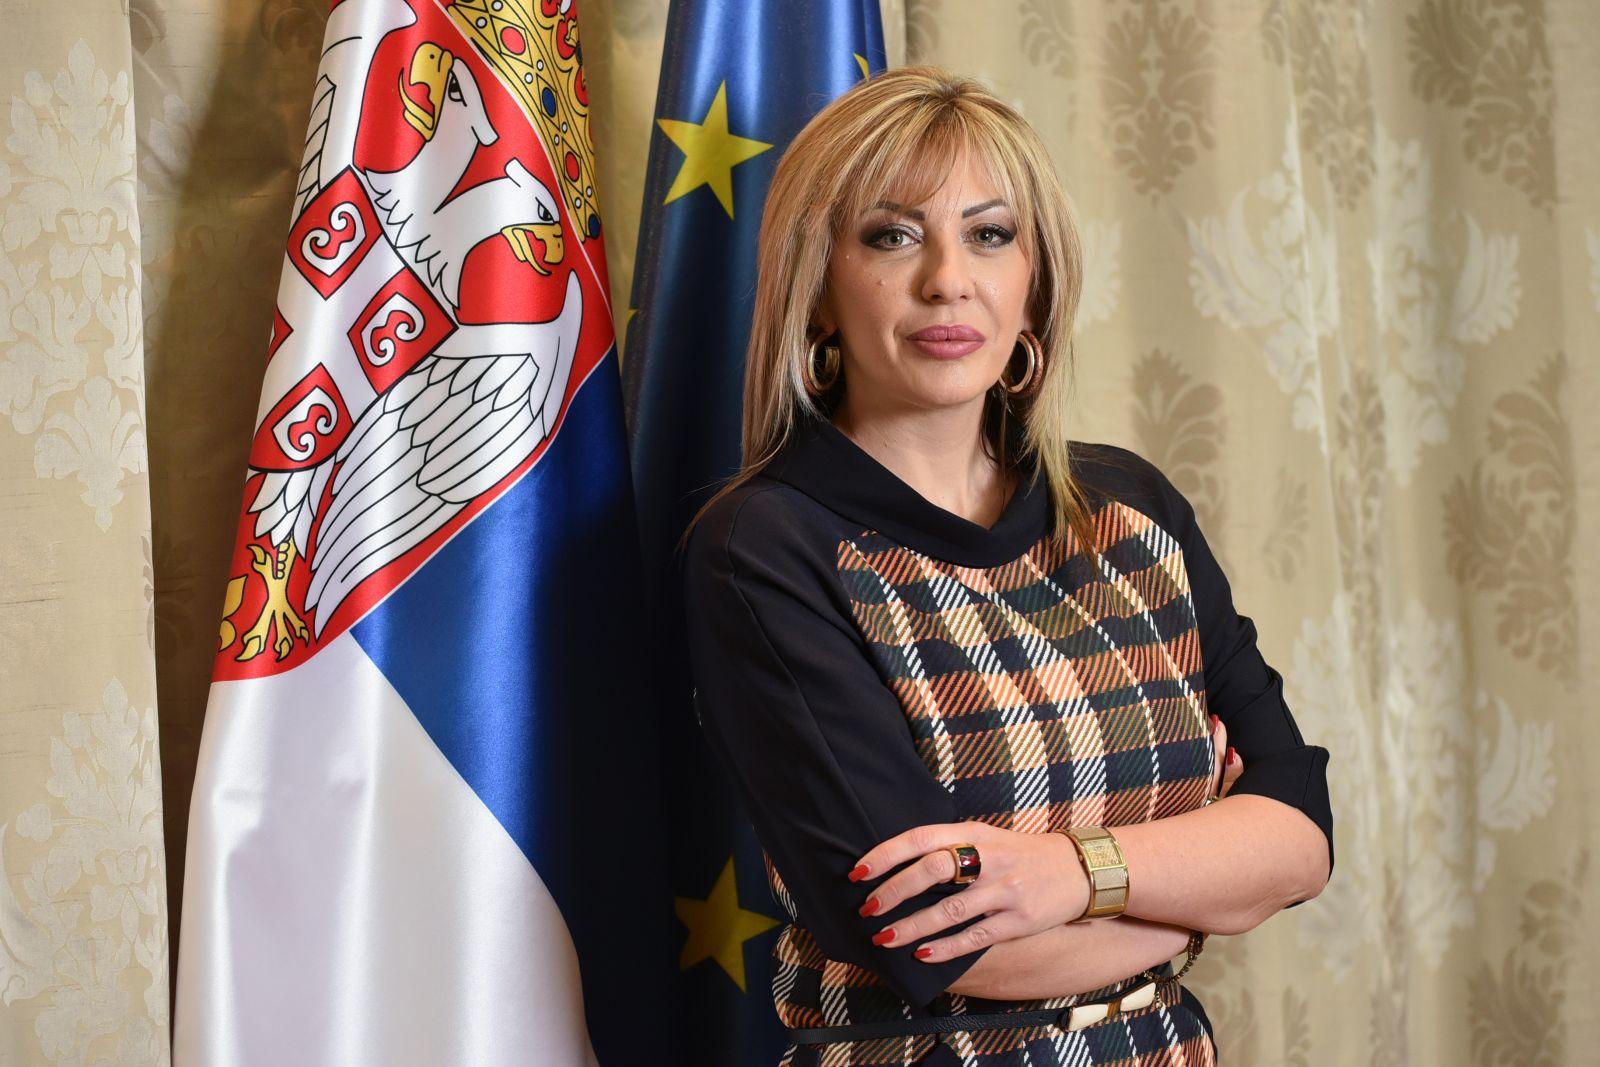 Ј. Јоксимовић: Опредељени смо за ЕУ због мира и напретка грађана